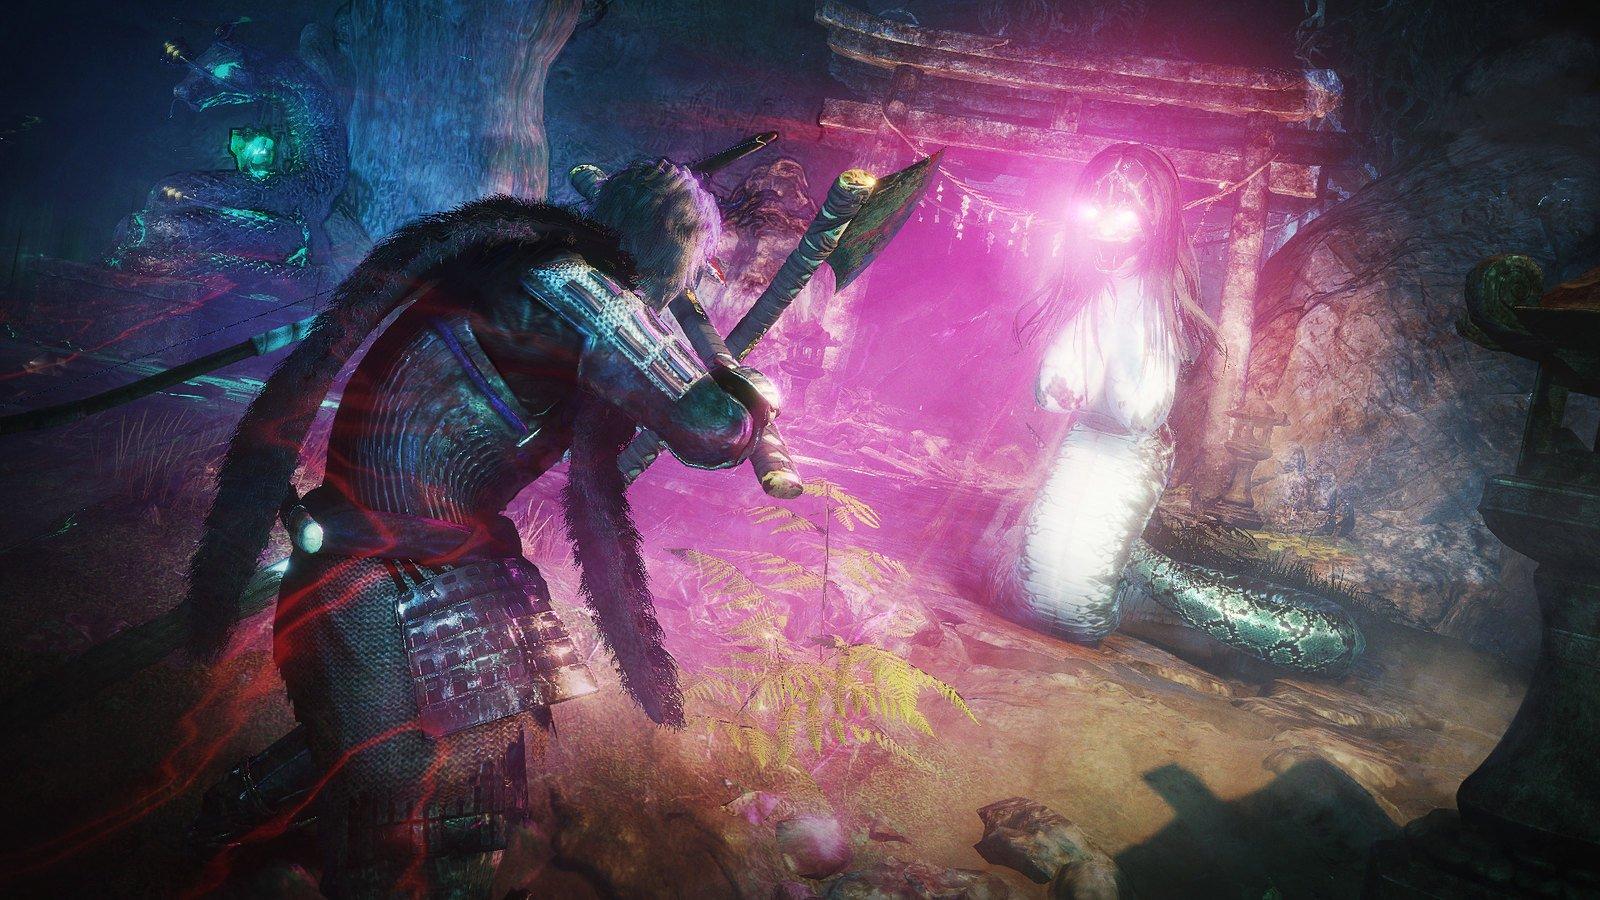 La bêta ouverte Nioh 2 commence le 1er novembre sur PS4